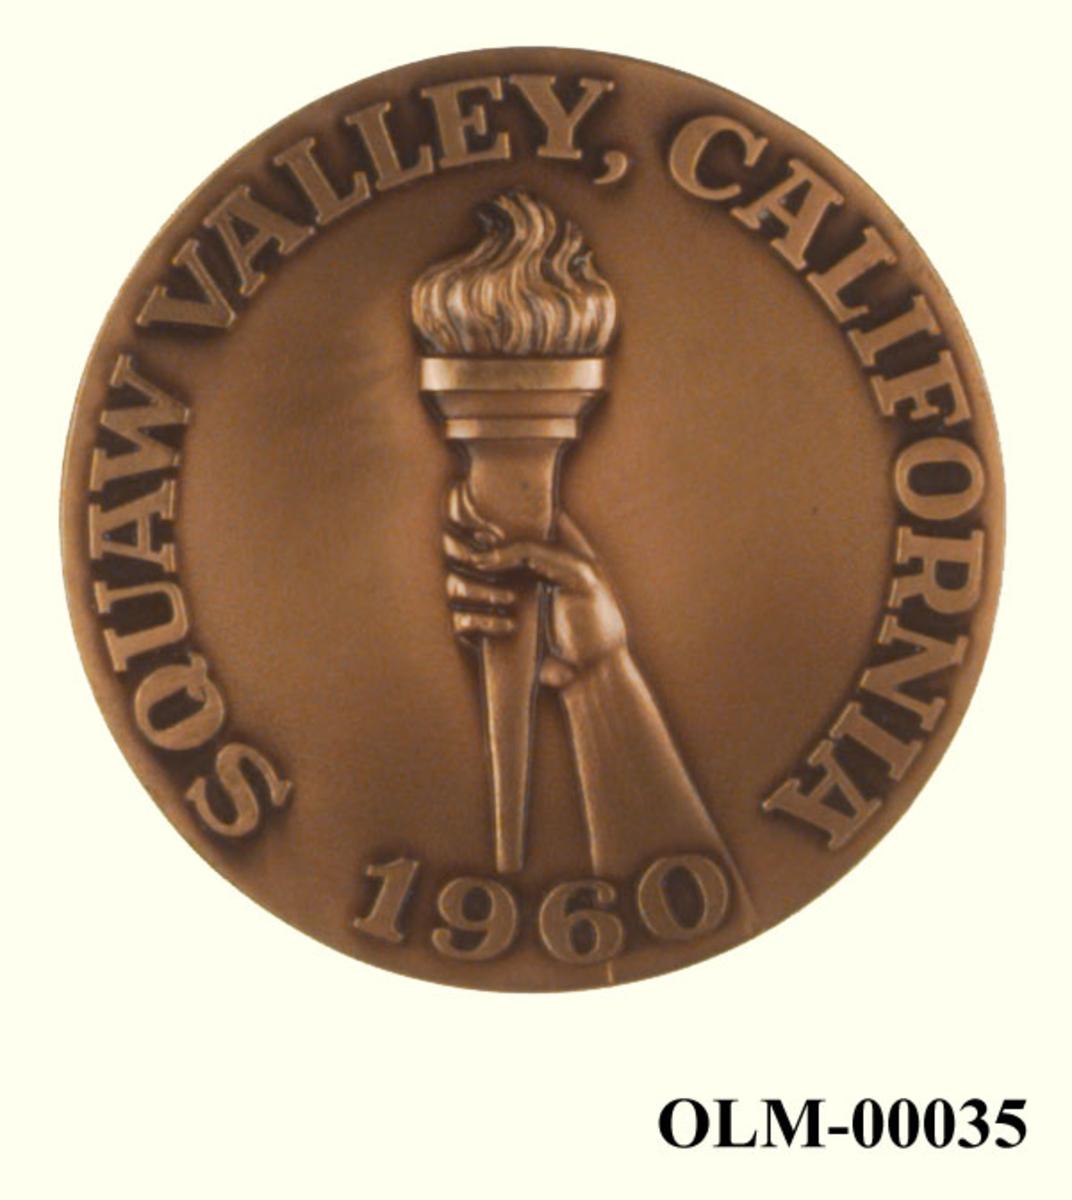 Bronsefarget medalje. På den ene siden finner man emblemet til de olympiske vinterleker i Squaw Valley i 1960. På den andre siden er det motiv av en hånd som holder en olympisk fakkel.